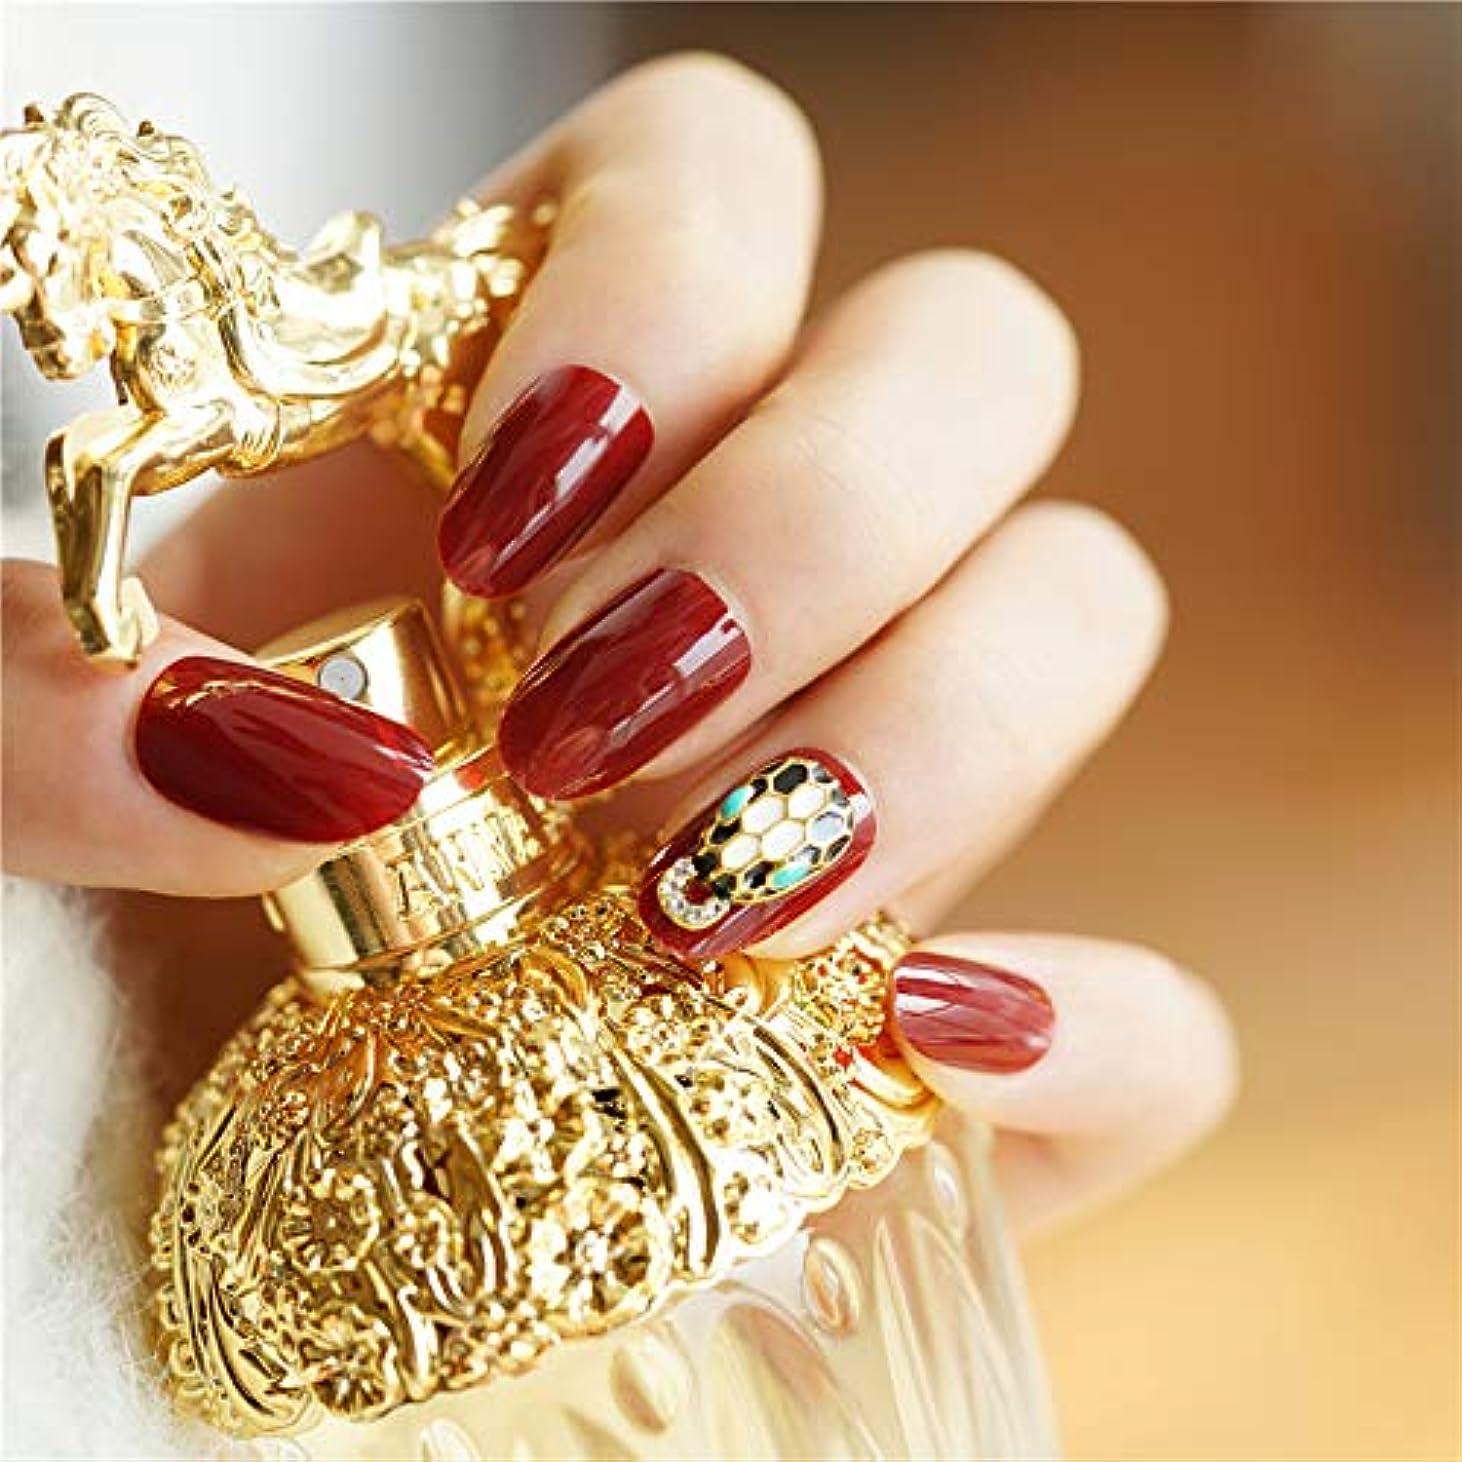 受信今後硫黄24枚セット ネイルチップ 付け爪 お嫁さんつけ爪 ネイルシール 3D可愛い飾り 爪先金回し 水しいピンク色変化デザインネイルチップ (ワインレッド)